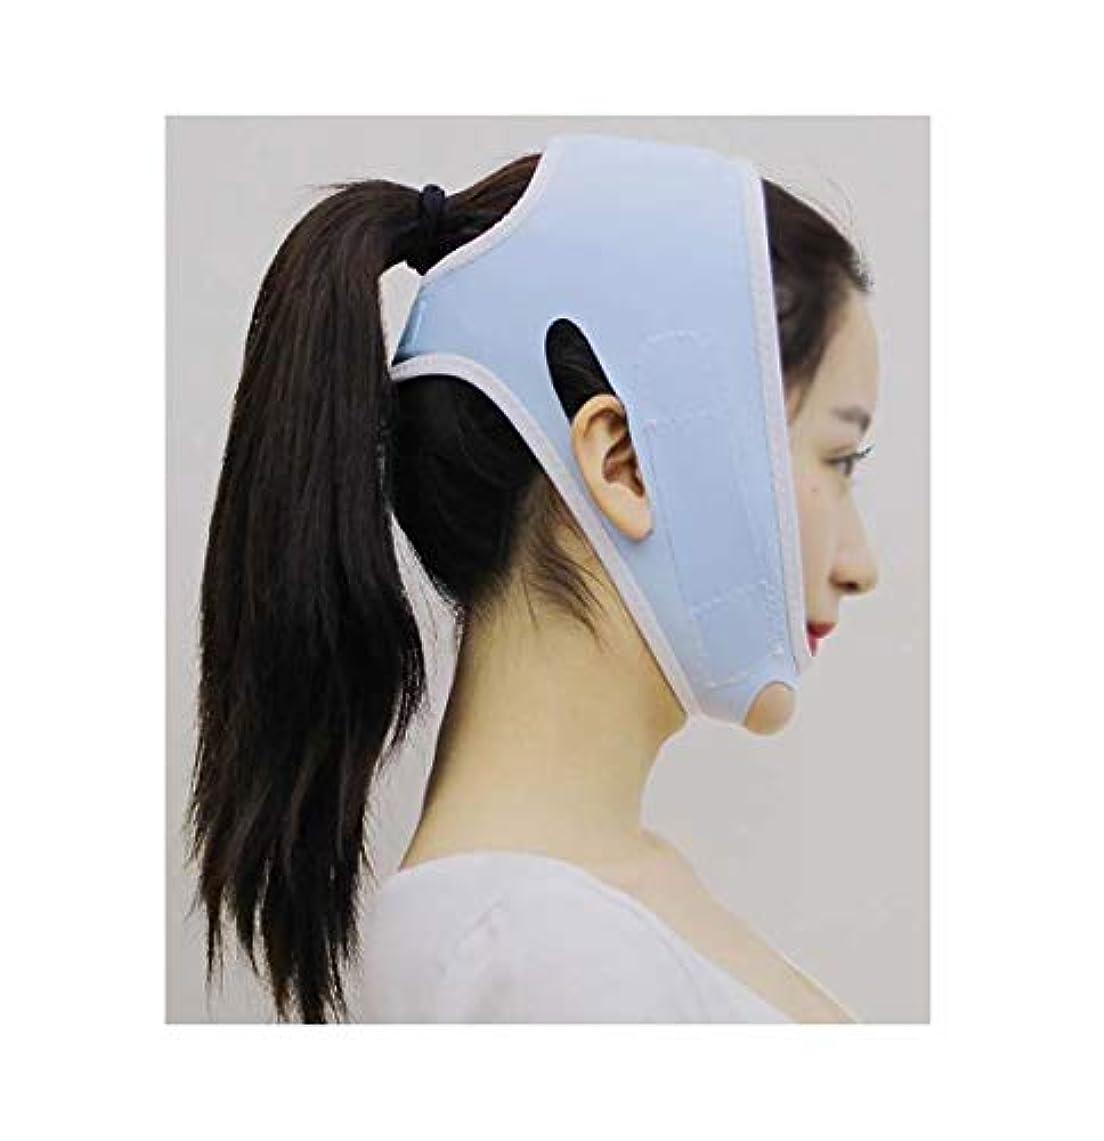 誤解するやるたらいTLMY 包帯ヘッドギアマスクの顔Vの顔の薄い顔のアーティファクトプラスチック美容ゴムバンドフェイスリフトネックリフト後薄い顔マスクあごベルトの回復 顔用整形マスク (Color : Blue)